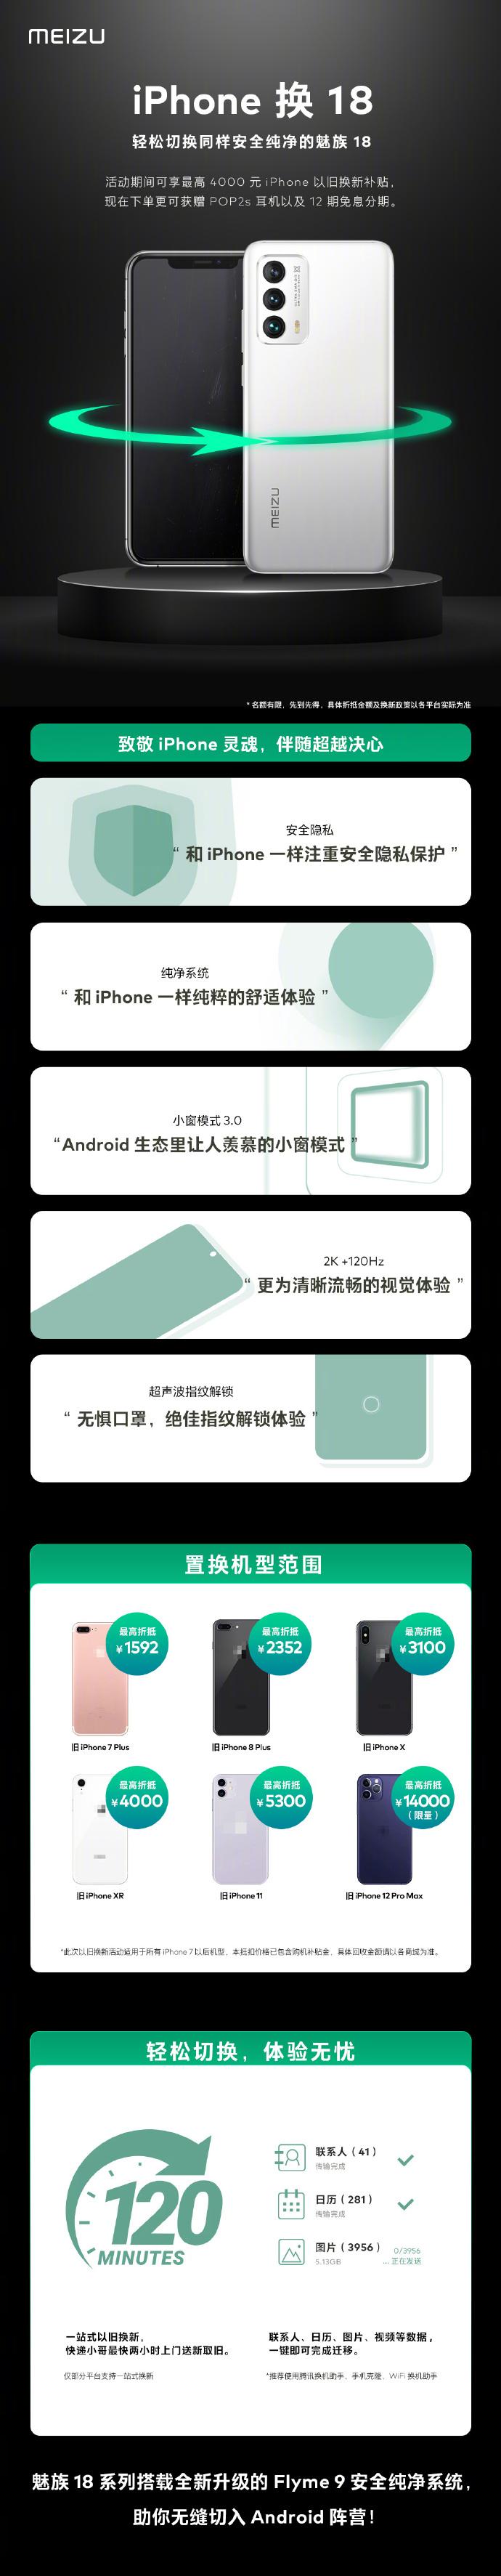 iPhone换魅族 你换吗?